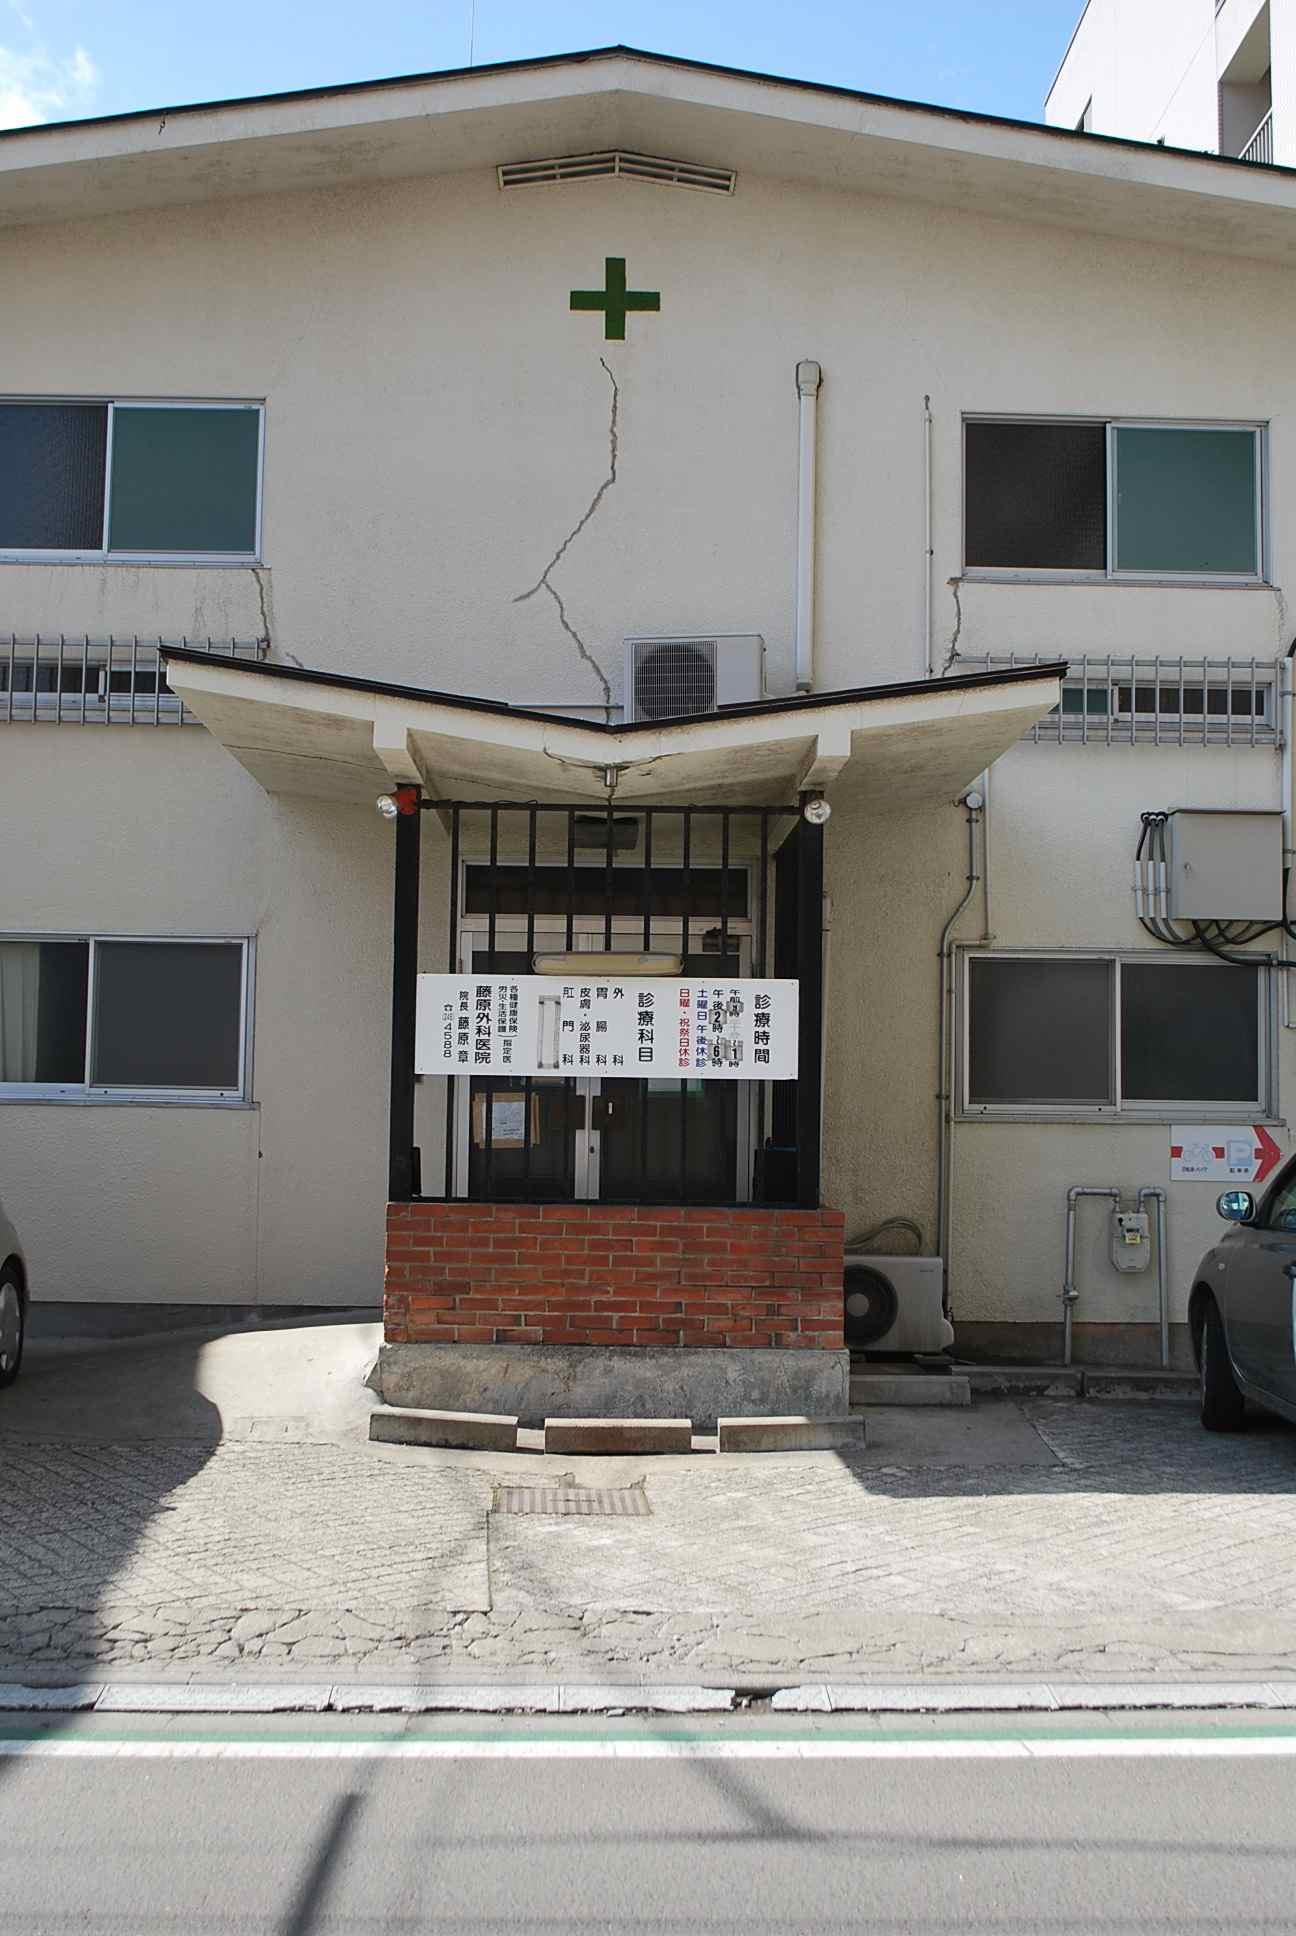 3/13富山より_e0143271_1540489.jpg